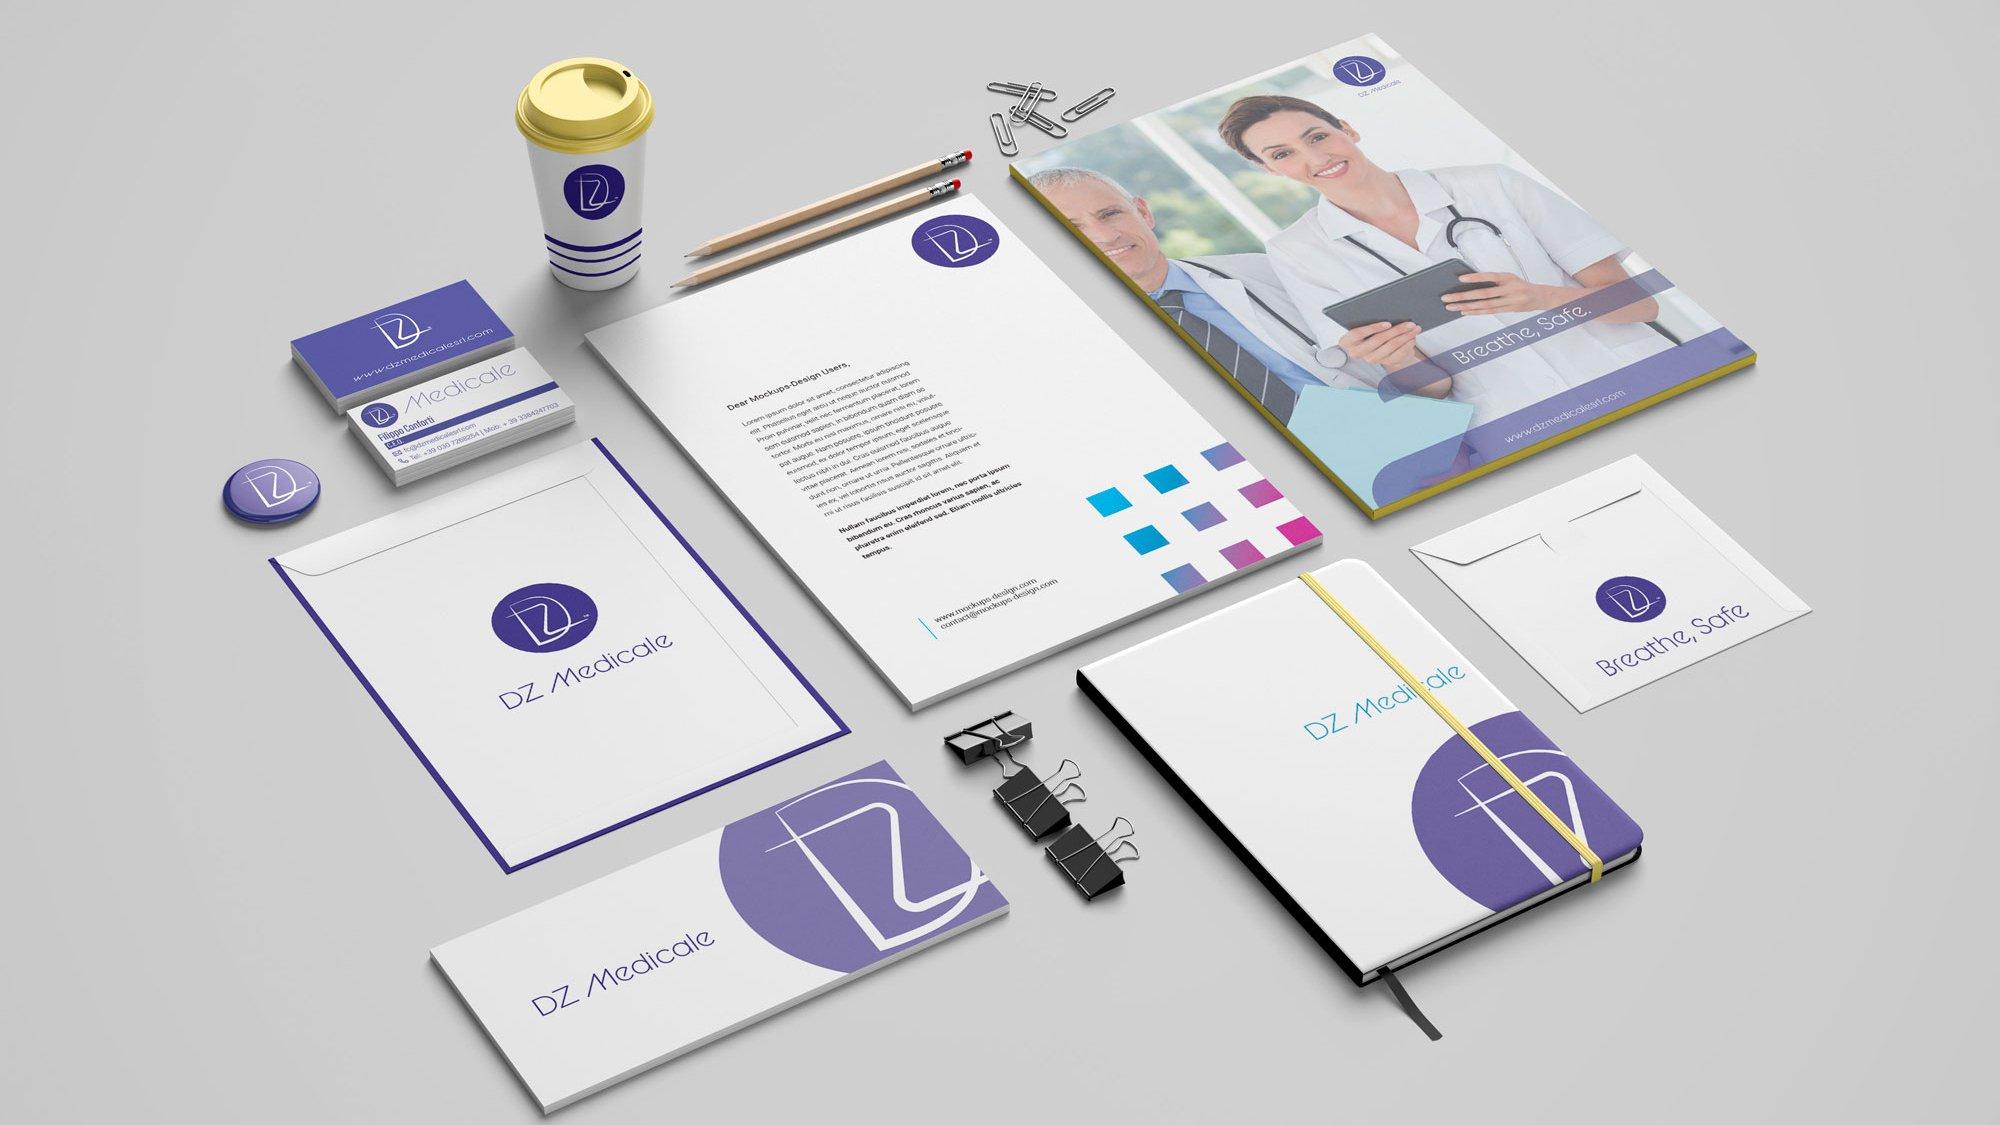 corporate identity DZ Medicale das mechanische auge düsseldorf